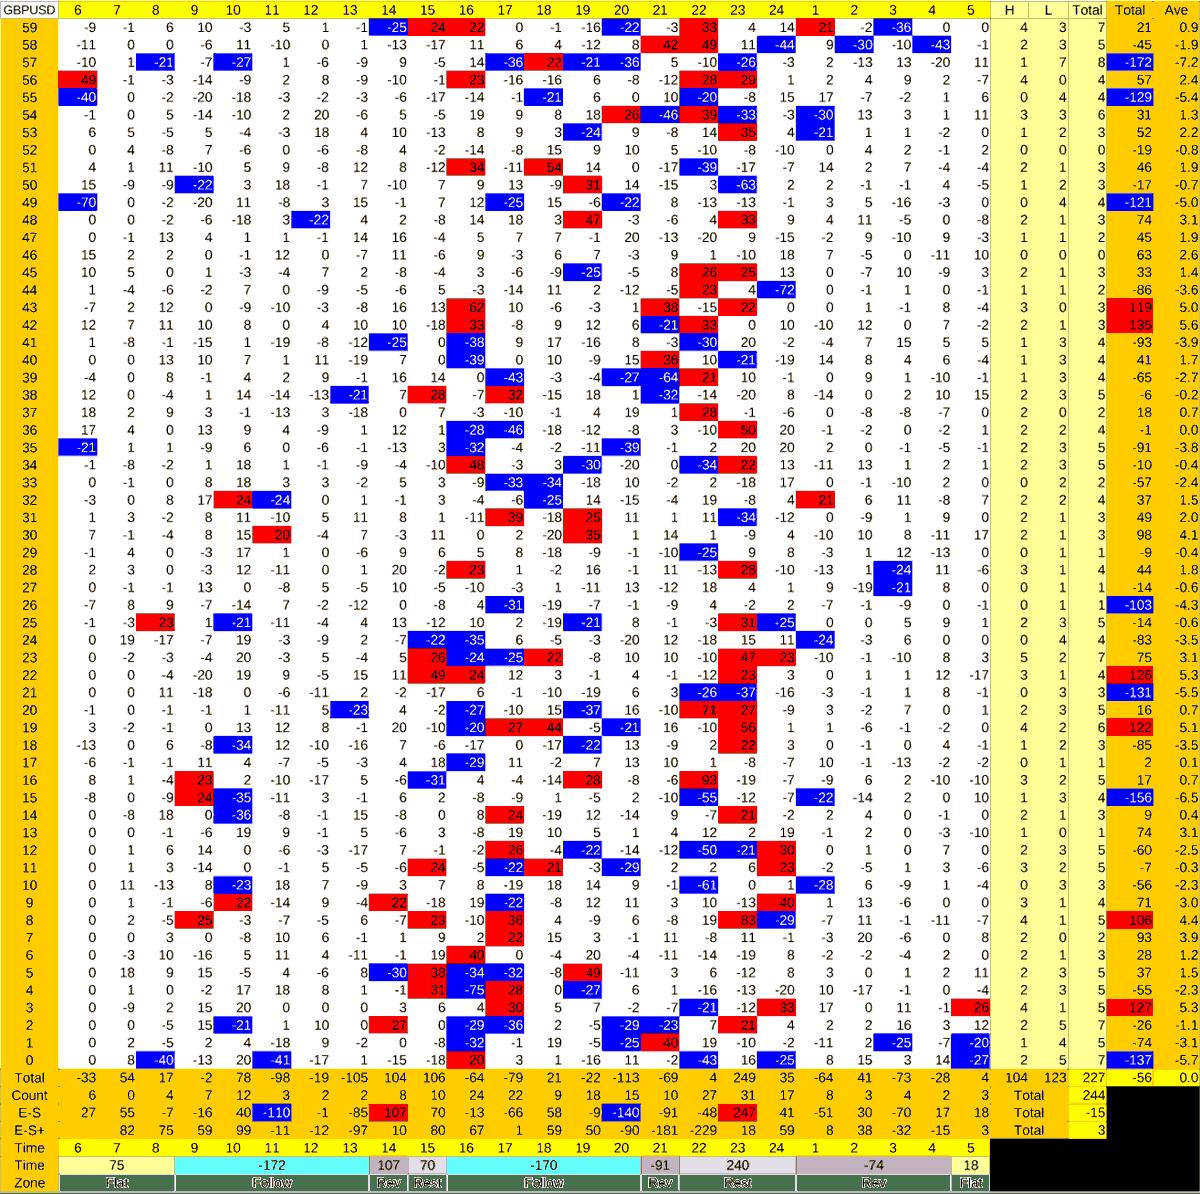 20210421_HS(2)GBPUSD